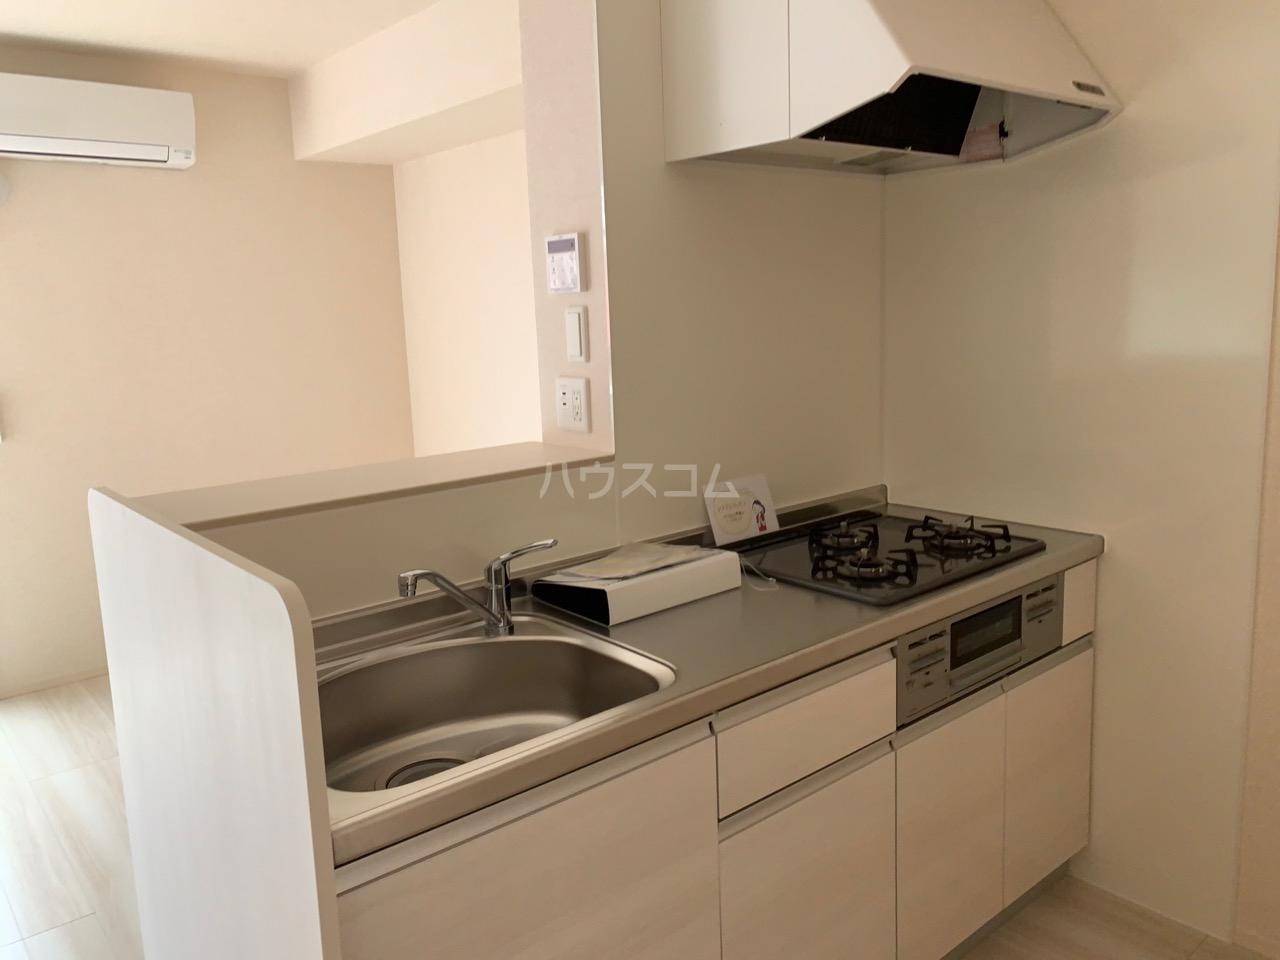 ルミエール 106号室のキッチン